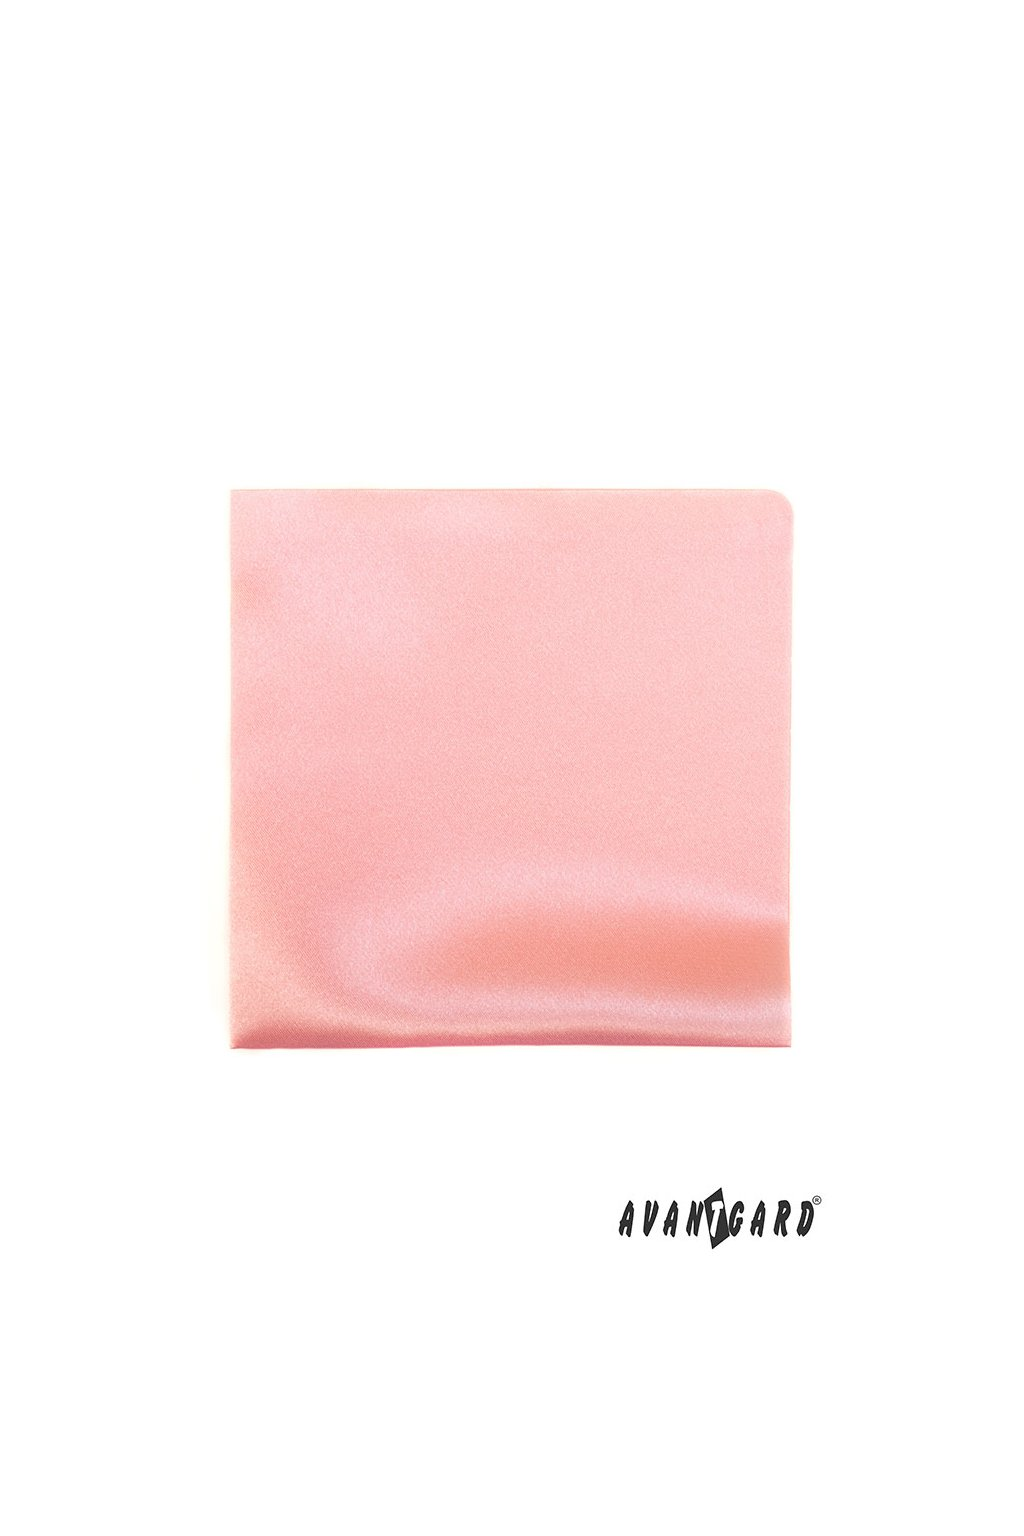 Kapesníček AVANTGARD růžová 582 - 9011